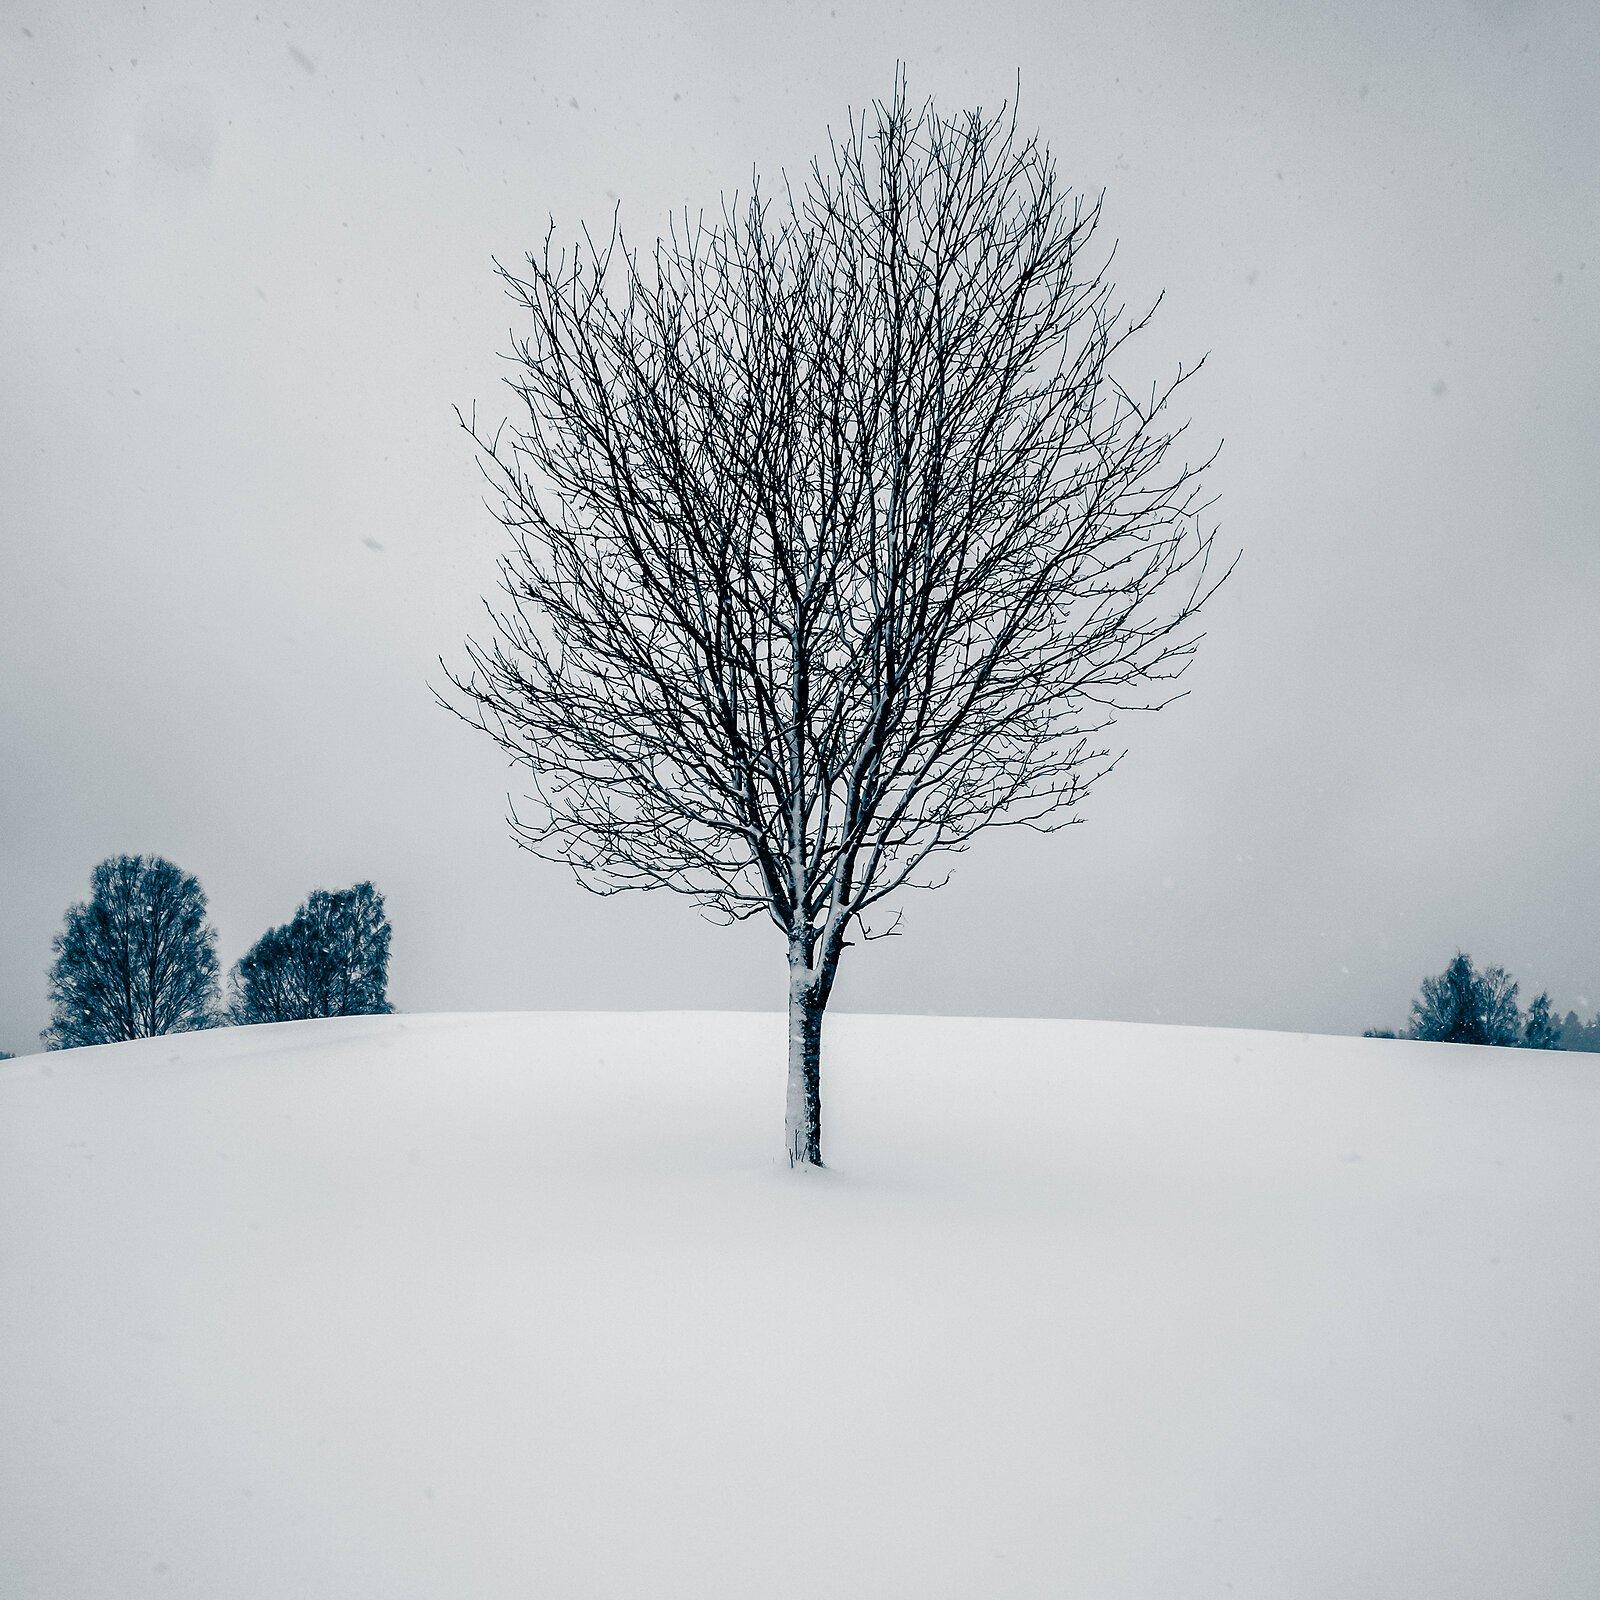 snow tree001.jpg